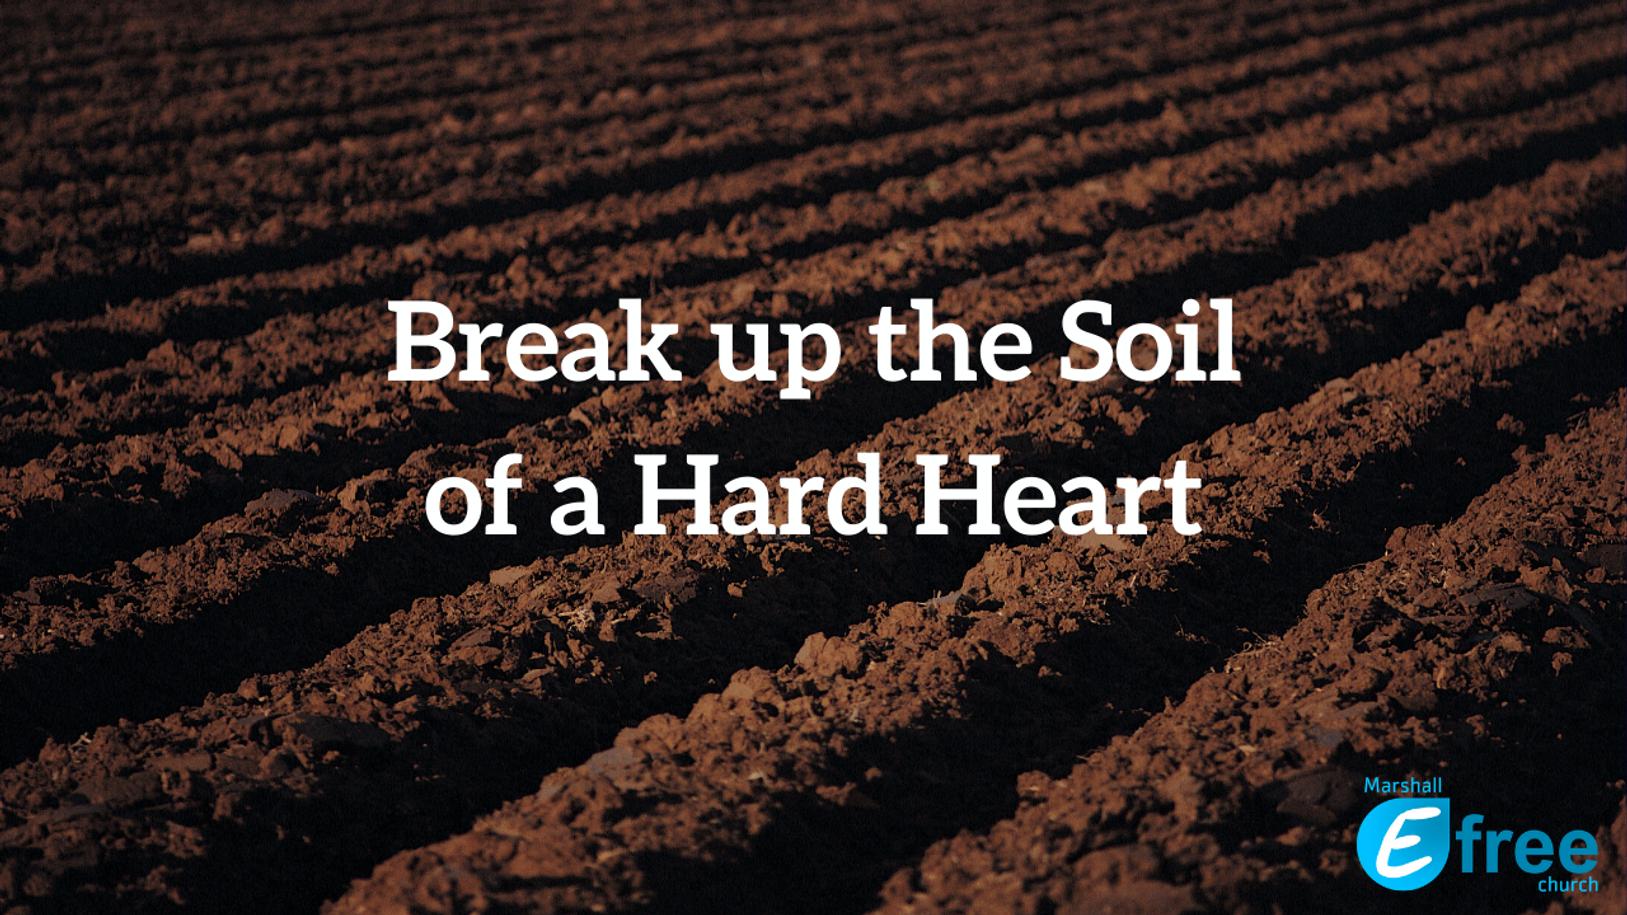 Break up the Soil of a Hard Heart